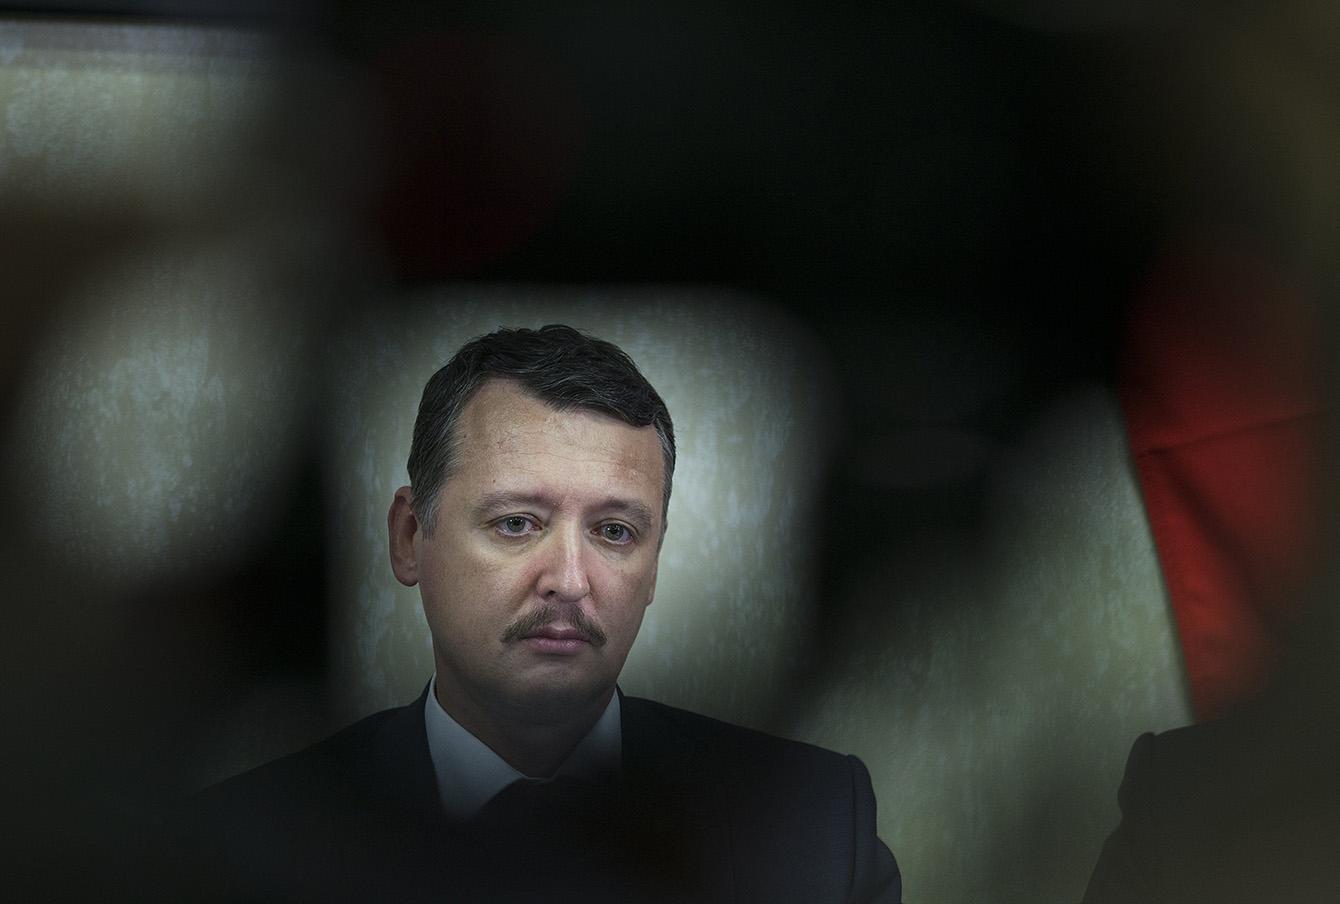 Украина, Донецк, Луганск, Днр, ЛНР, Гиркин-Стрелков, Путин, Новороссия, Кремль, политика, терроризм, общество, уголовное дело на Гиркина